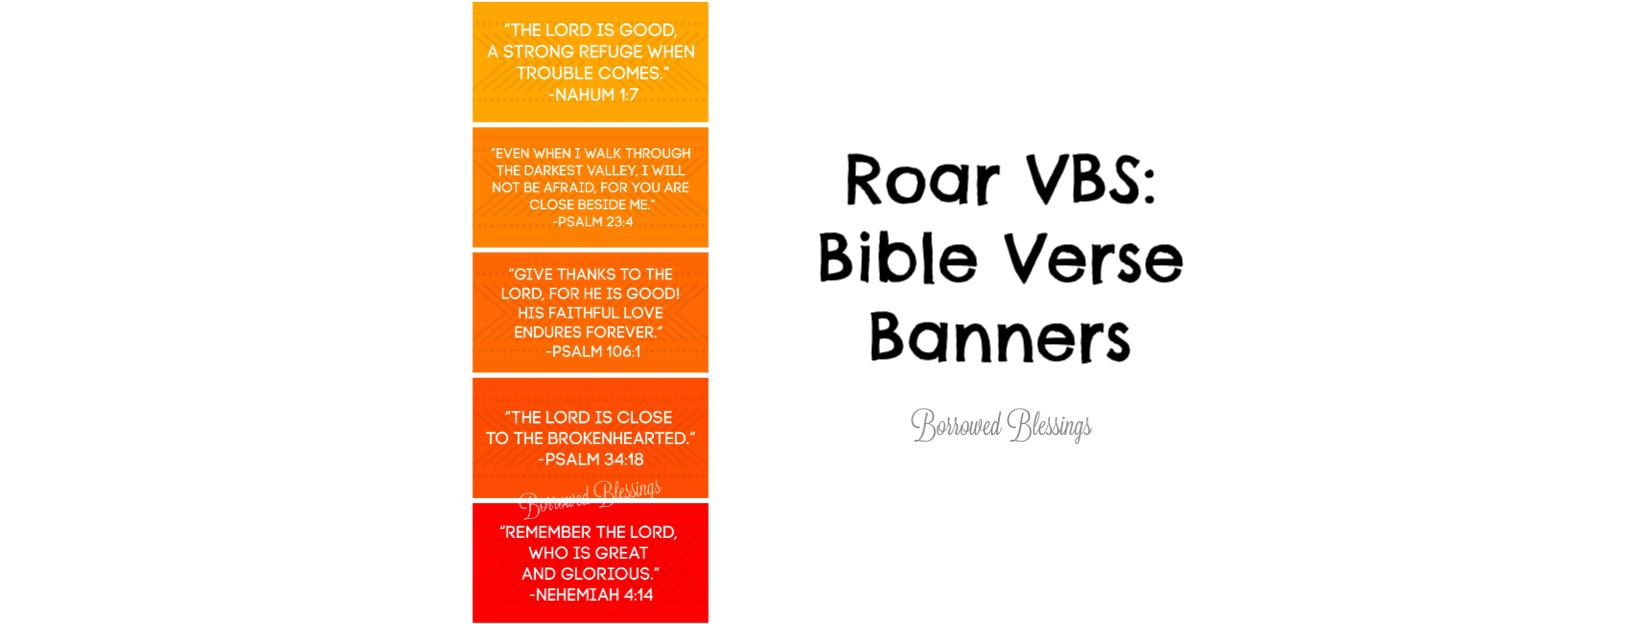 Roar VBS: Bible Verse Banners « Borrowed BlessingsBorrowed Blessings